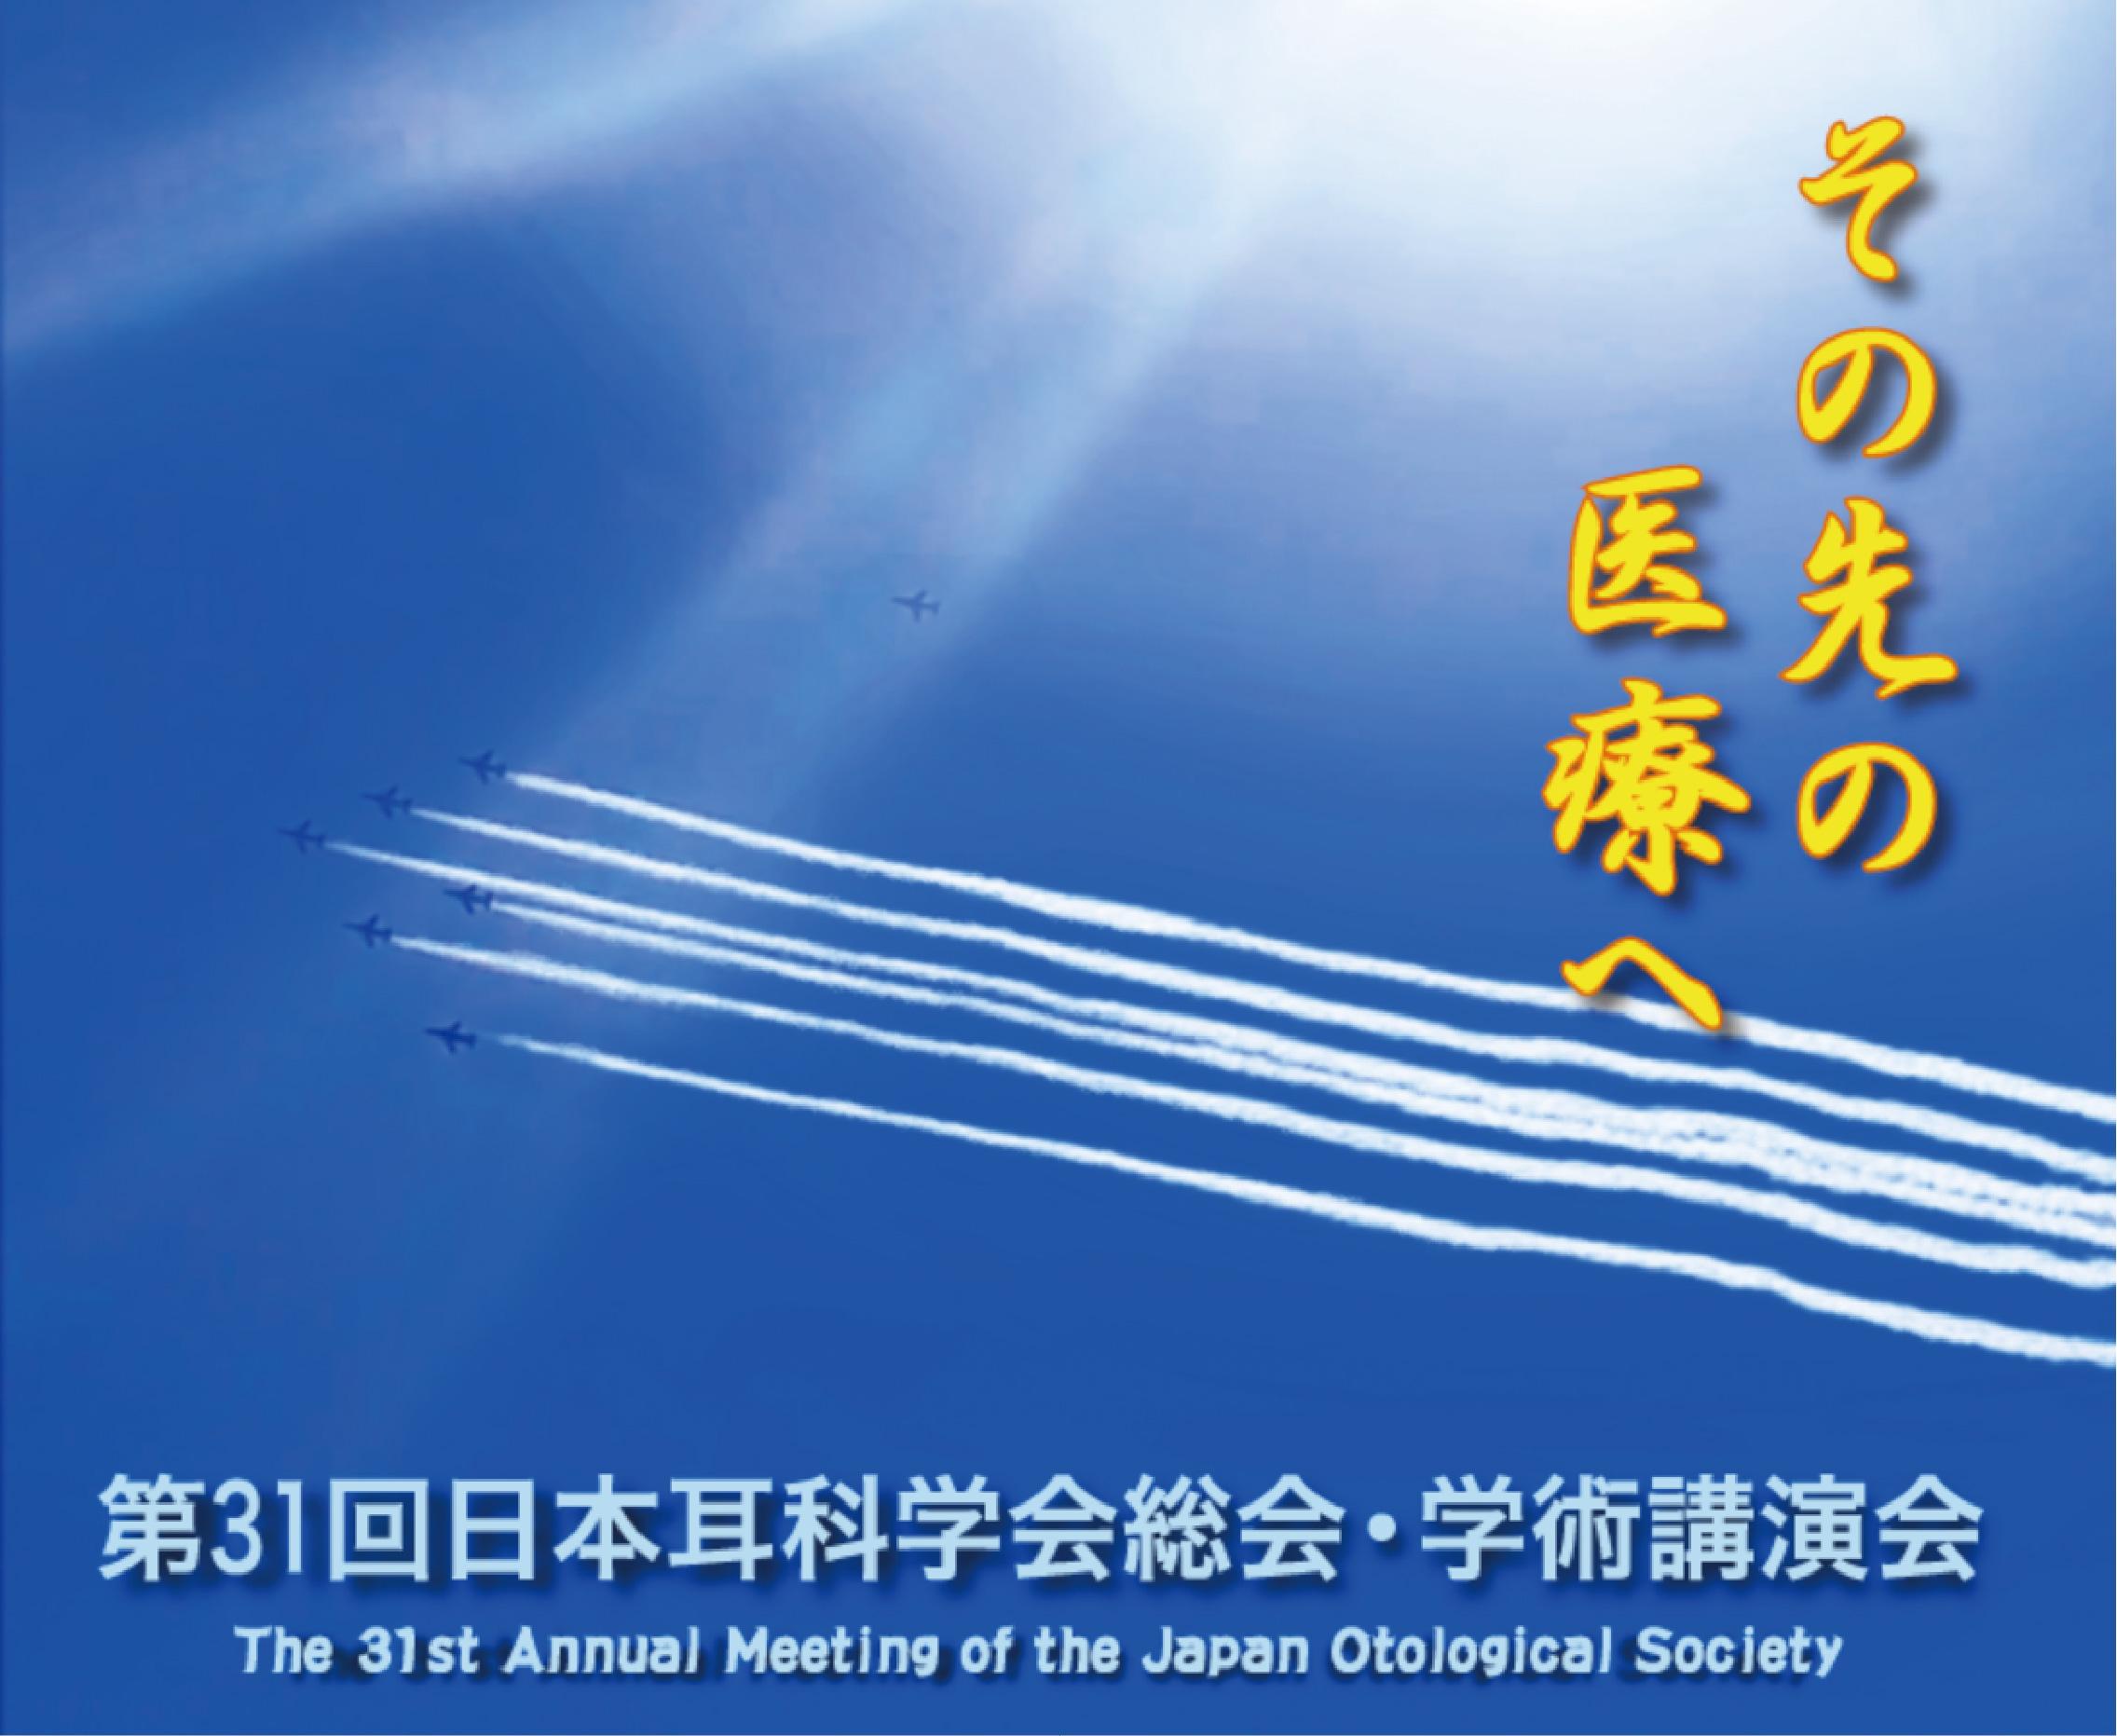 「第31回日本耳科学会総会・学術講演会」にブース出展いたします